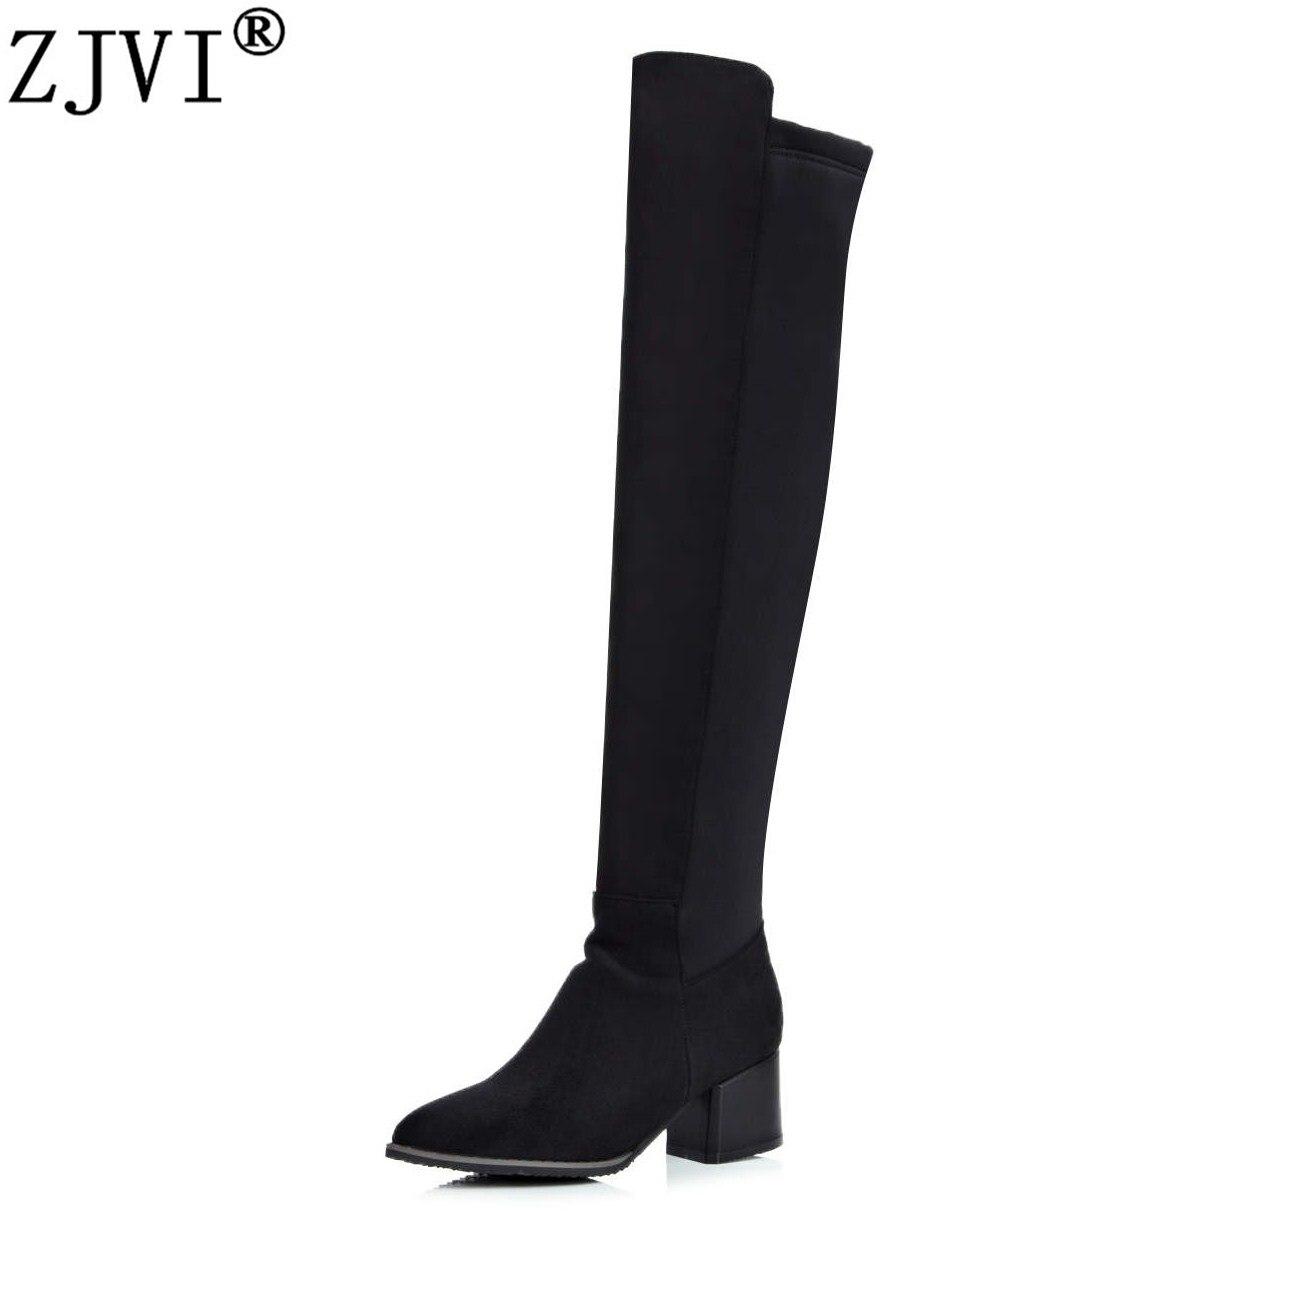 ZJVI frauen über das knie stiefel frau herbst winter stretch nubuk oberschenkel  hohe stiefel 2018 hohe quadratische heels spitz schuhe a3d3490788